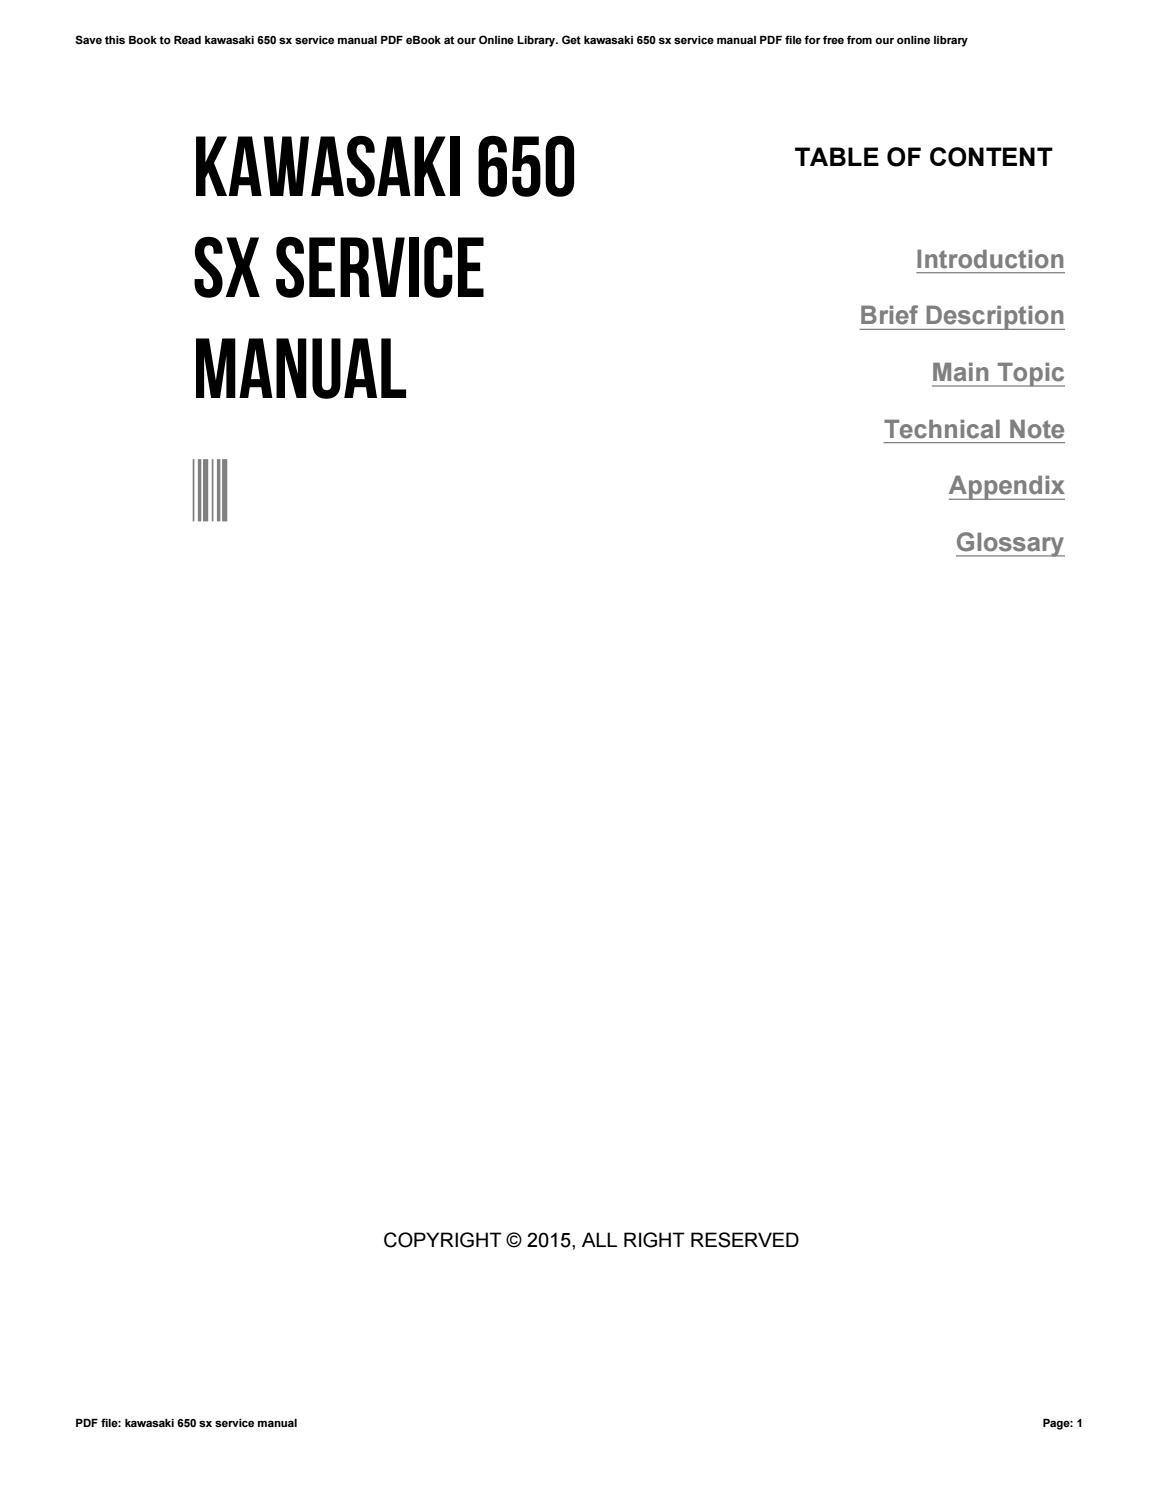 kawasaki 650 sx service manuals